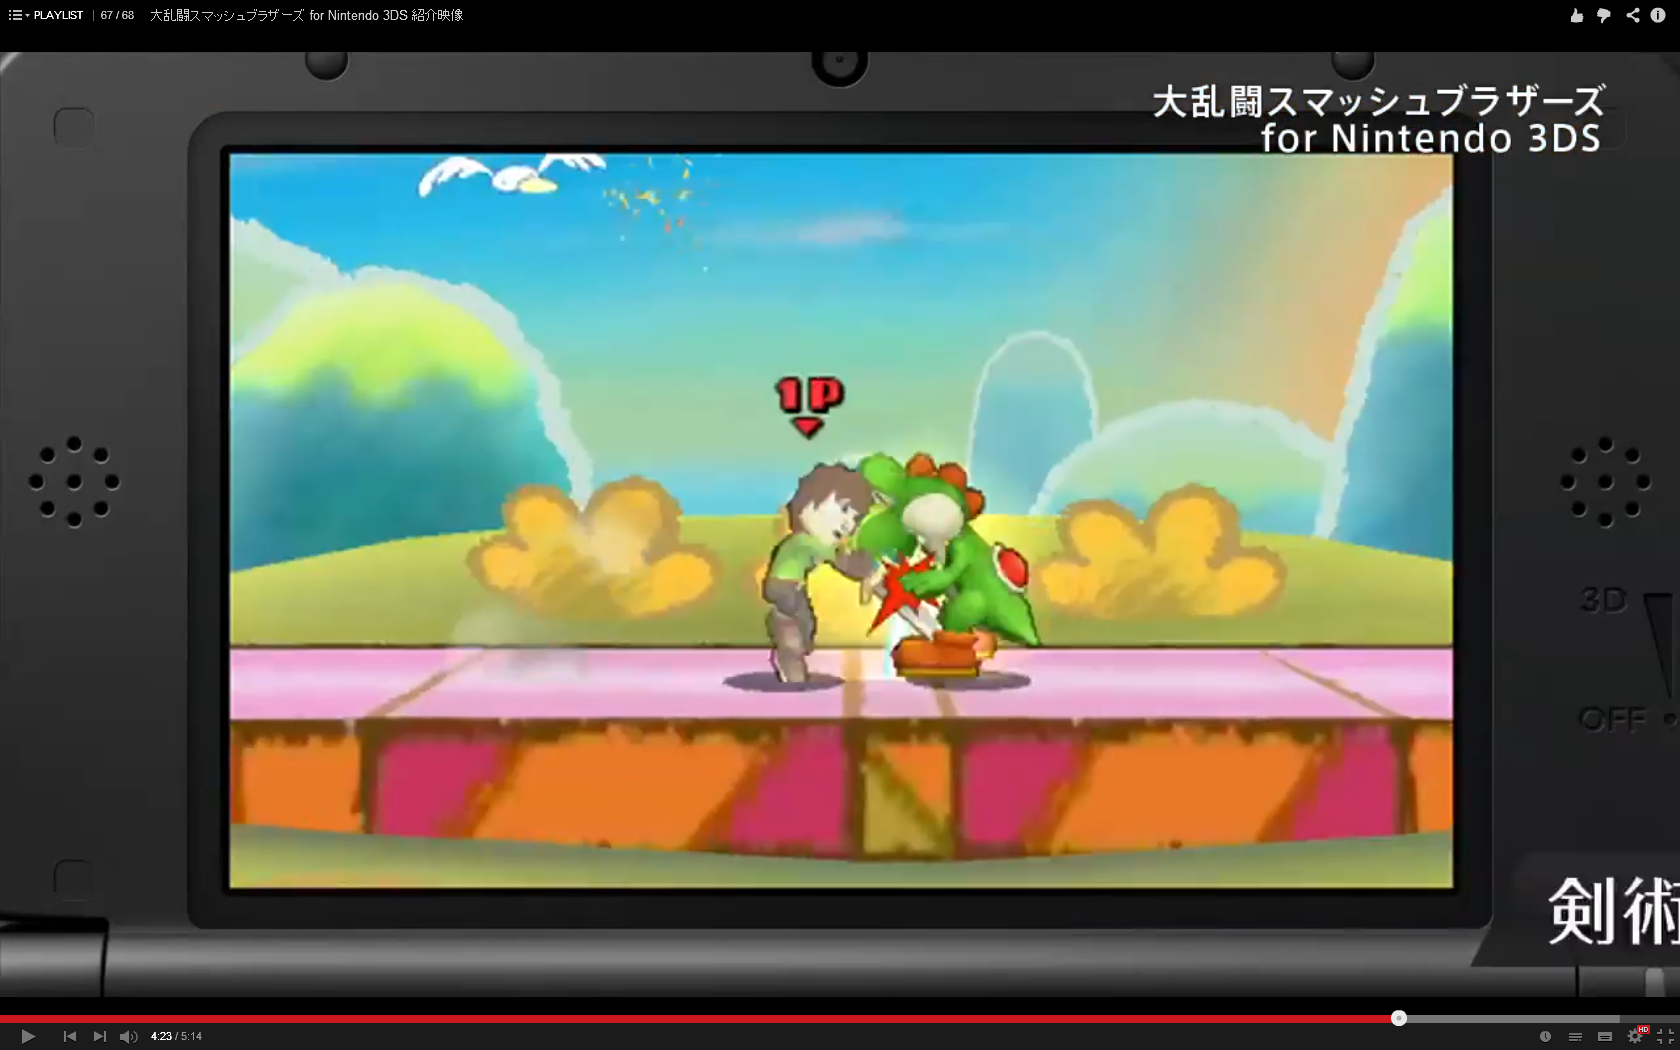 [Officiel] Liste des stages 3DS + nouvelle vidéo 1409320186084721500